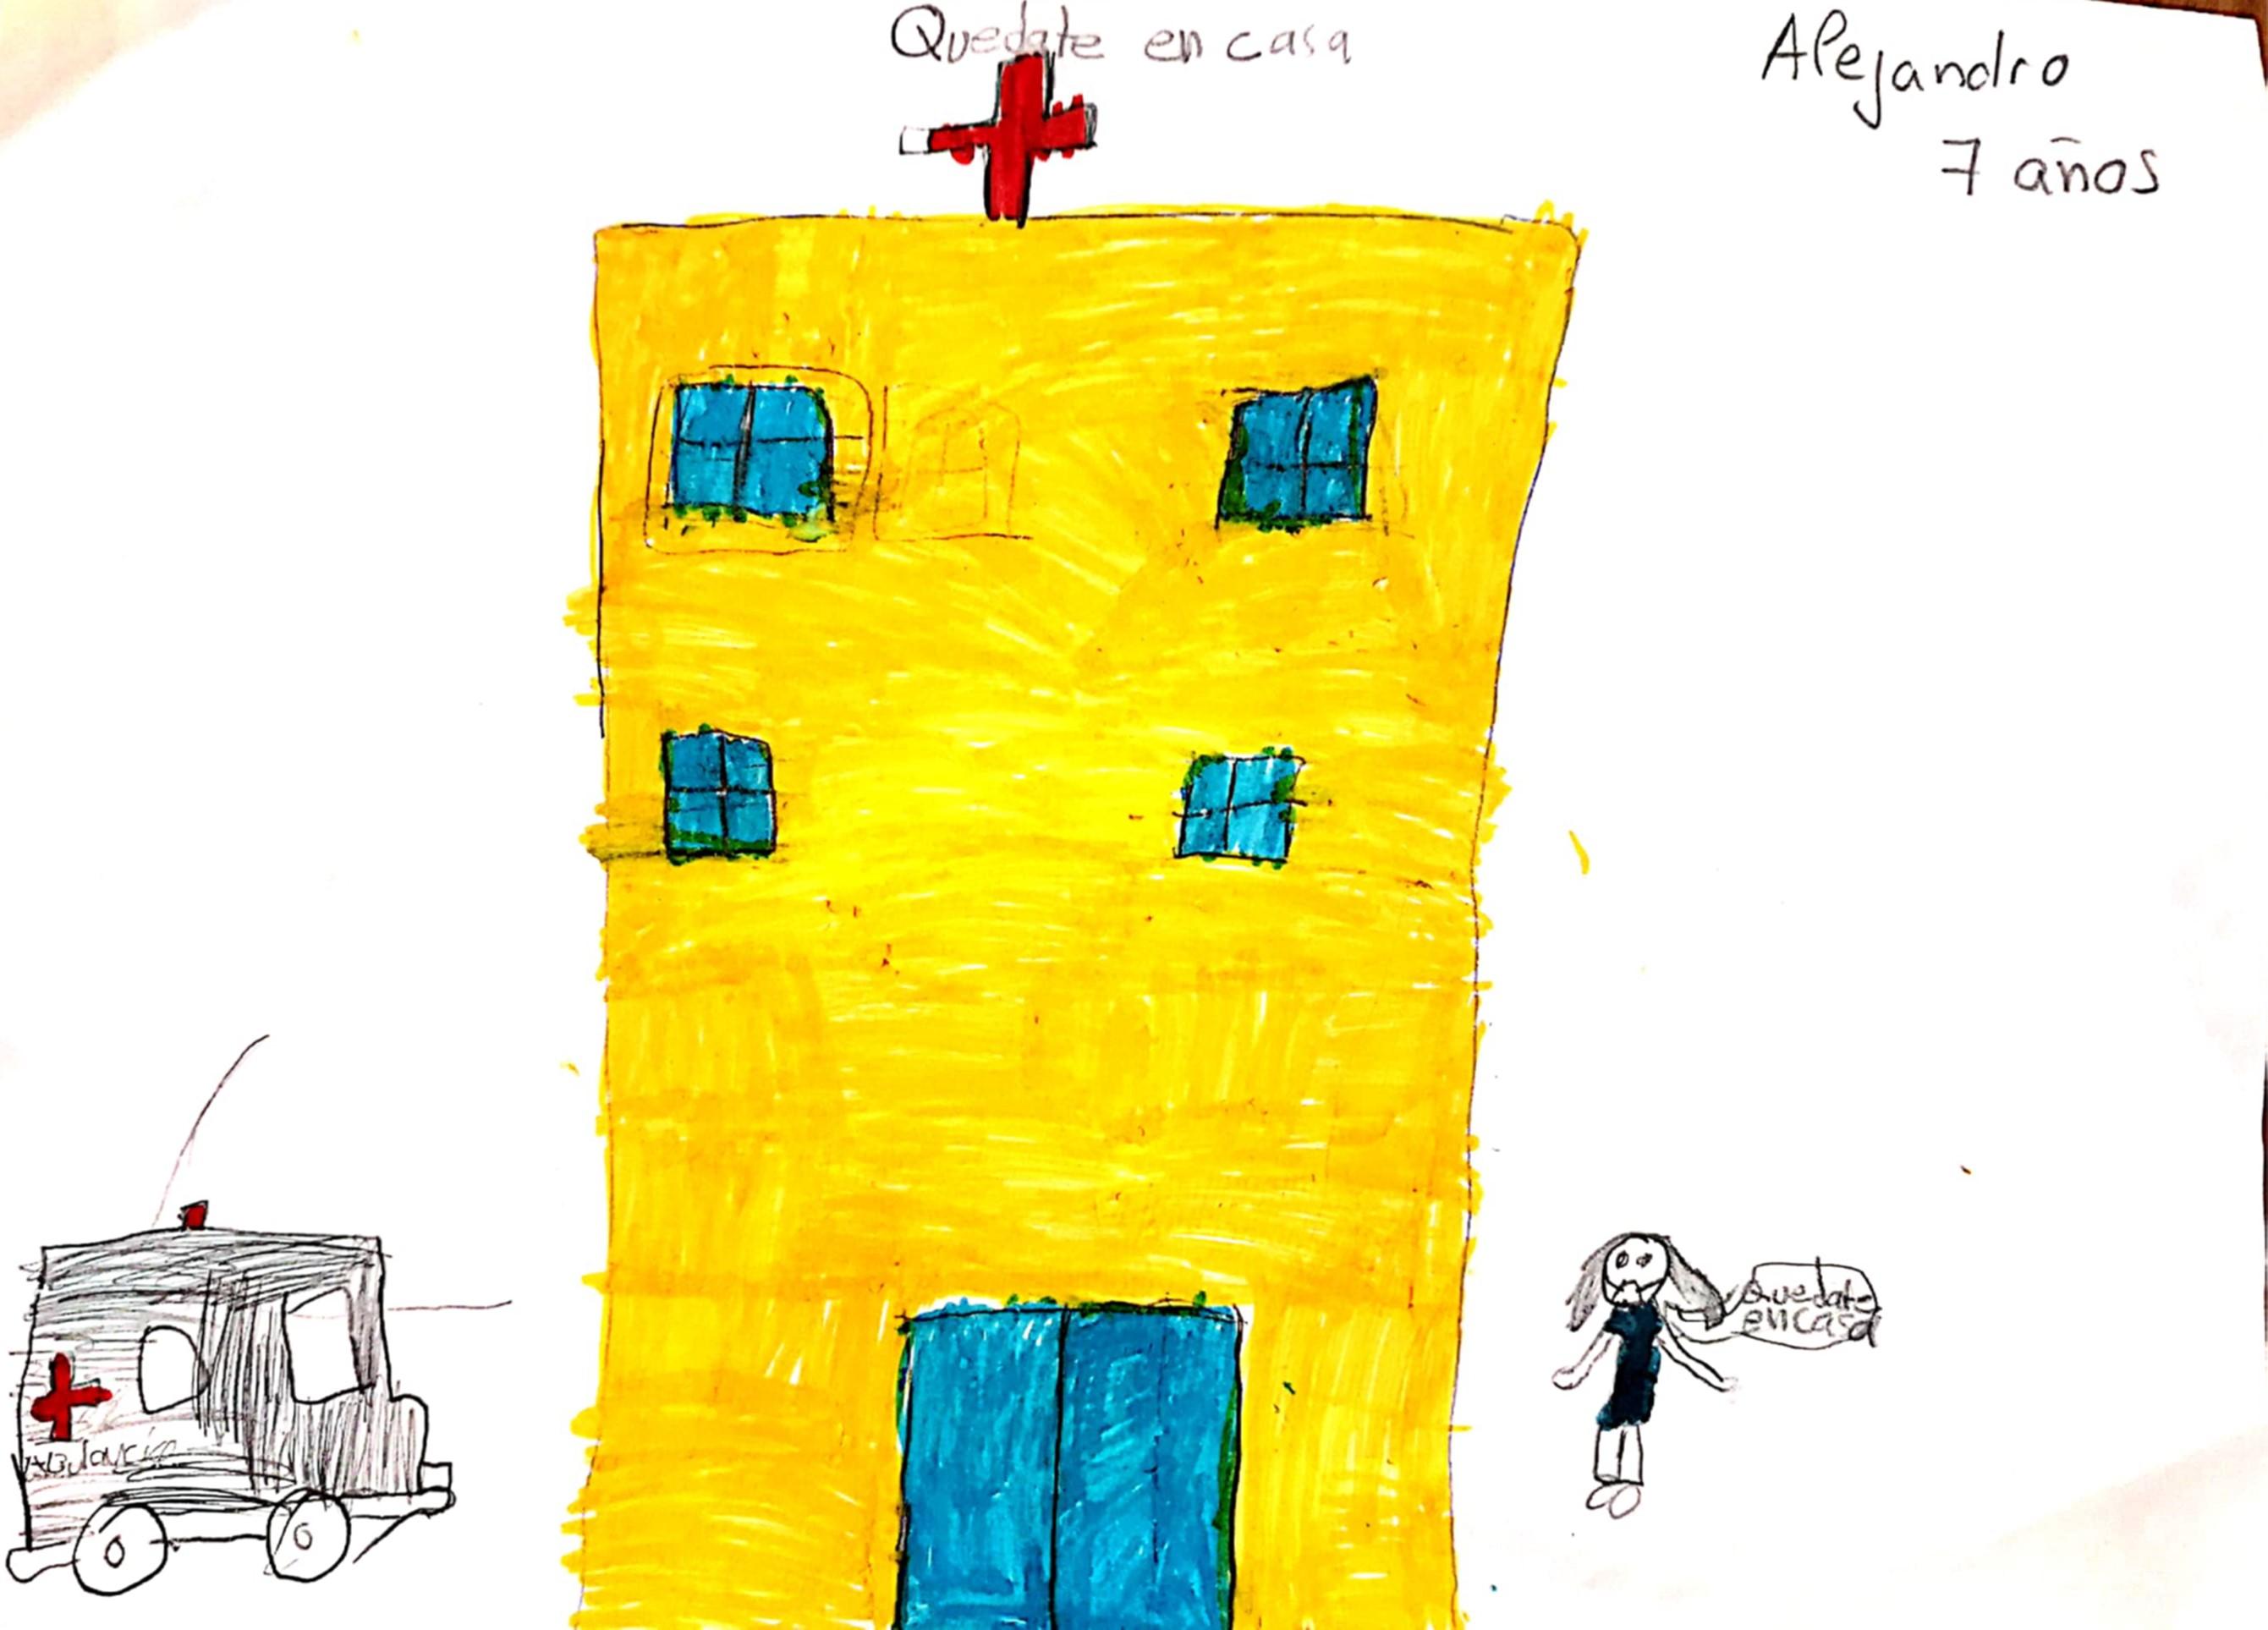 Images/actividades/Alejandro 7 años.jpg